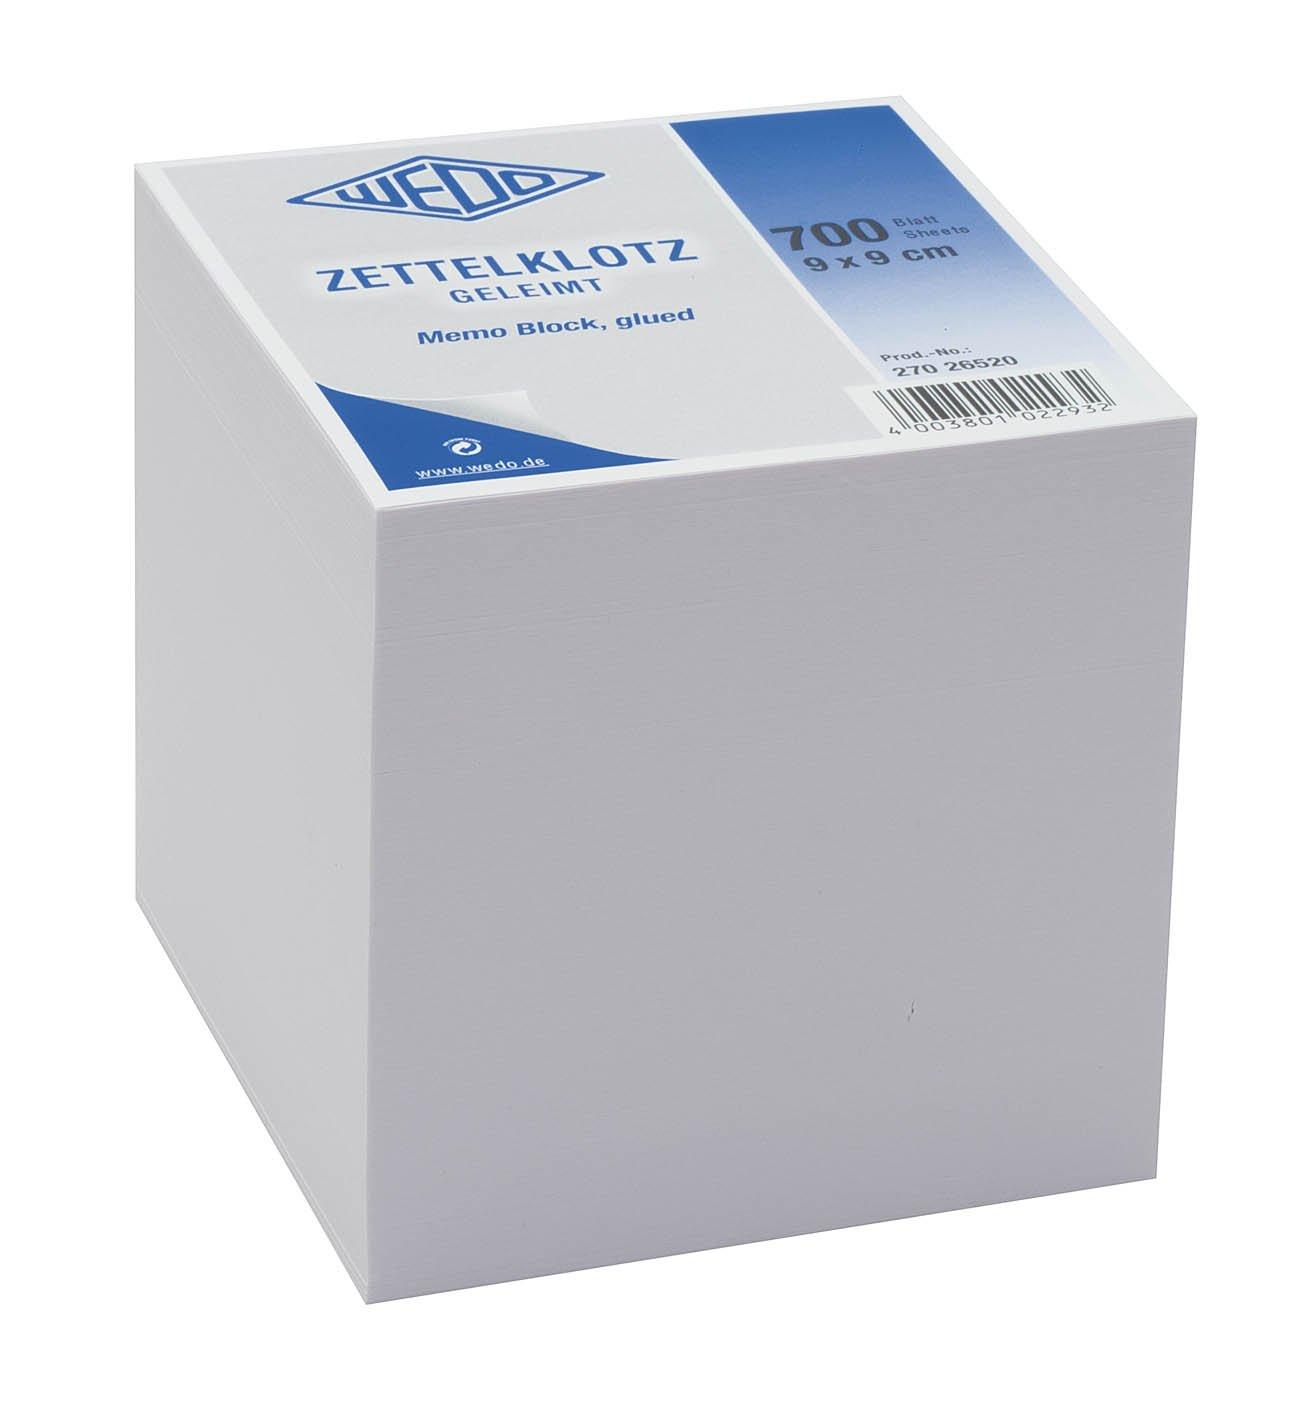 wei/ß Wedo 27026520 Notiz-Zettelklotz geleimt holzfrei, 9 x 9 cm, 700 Blatt